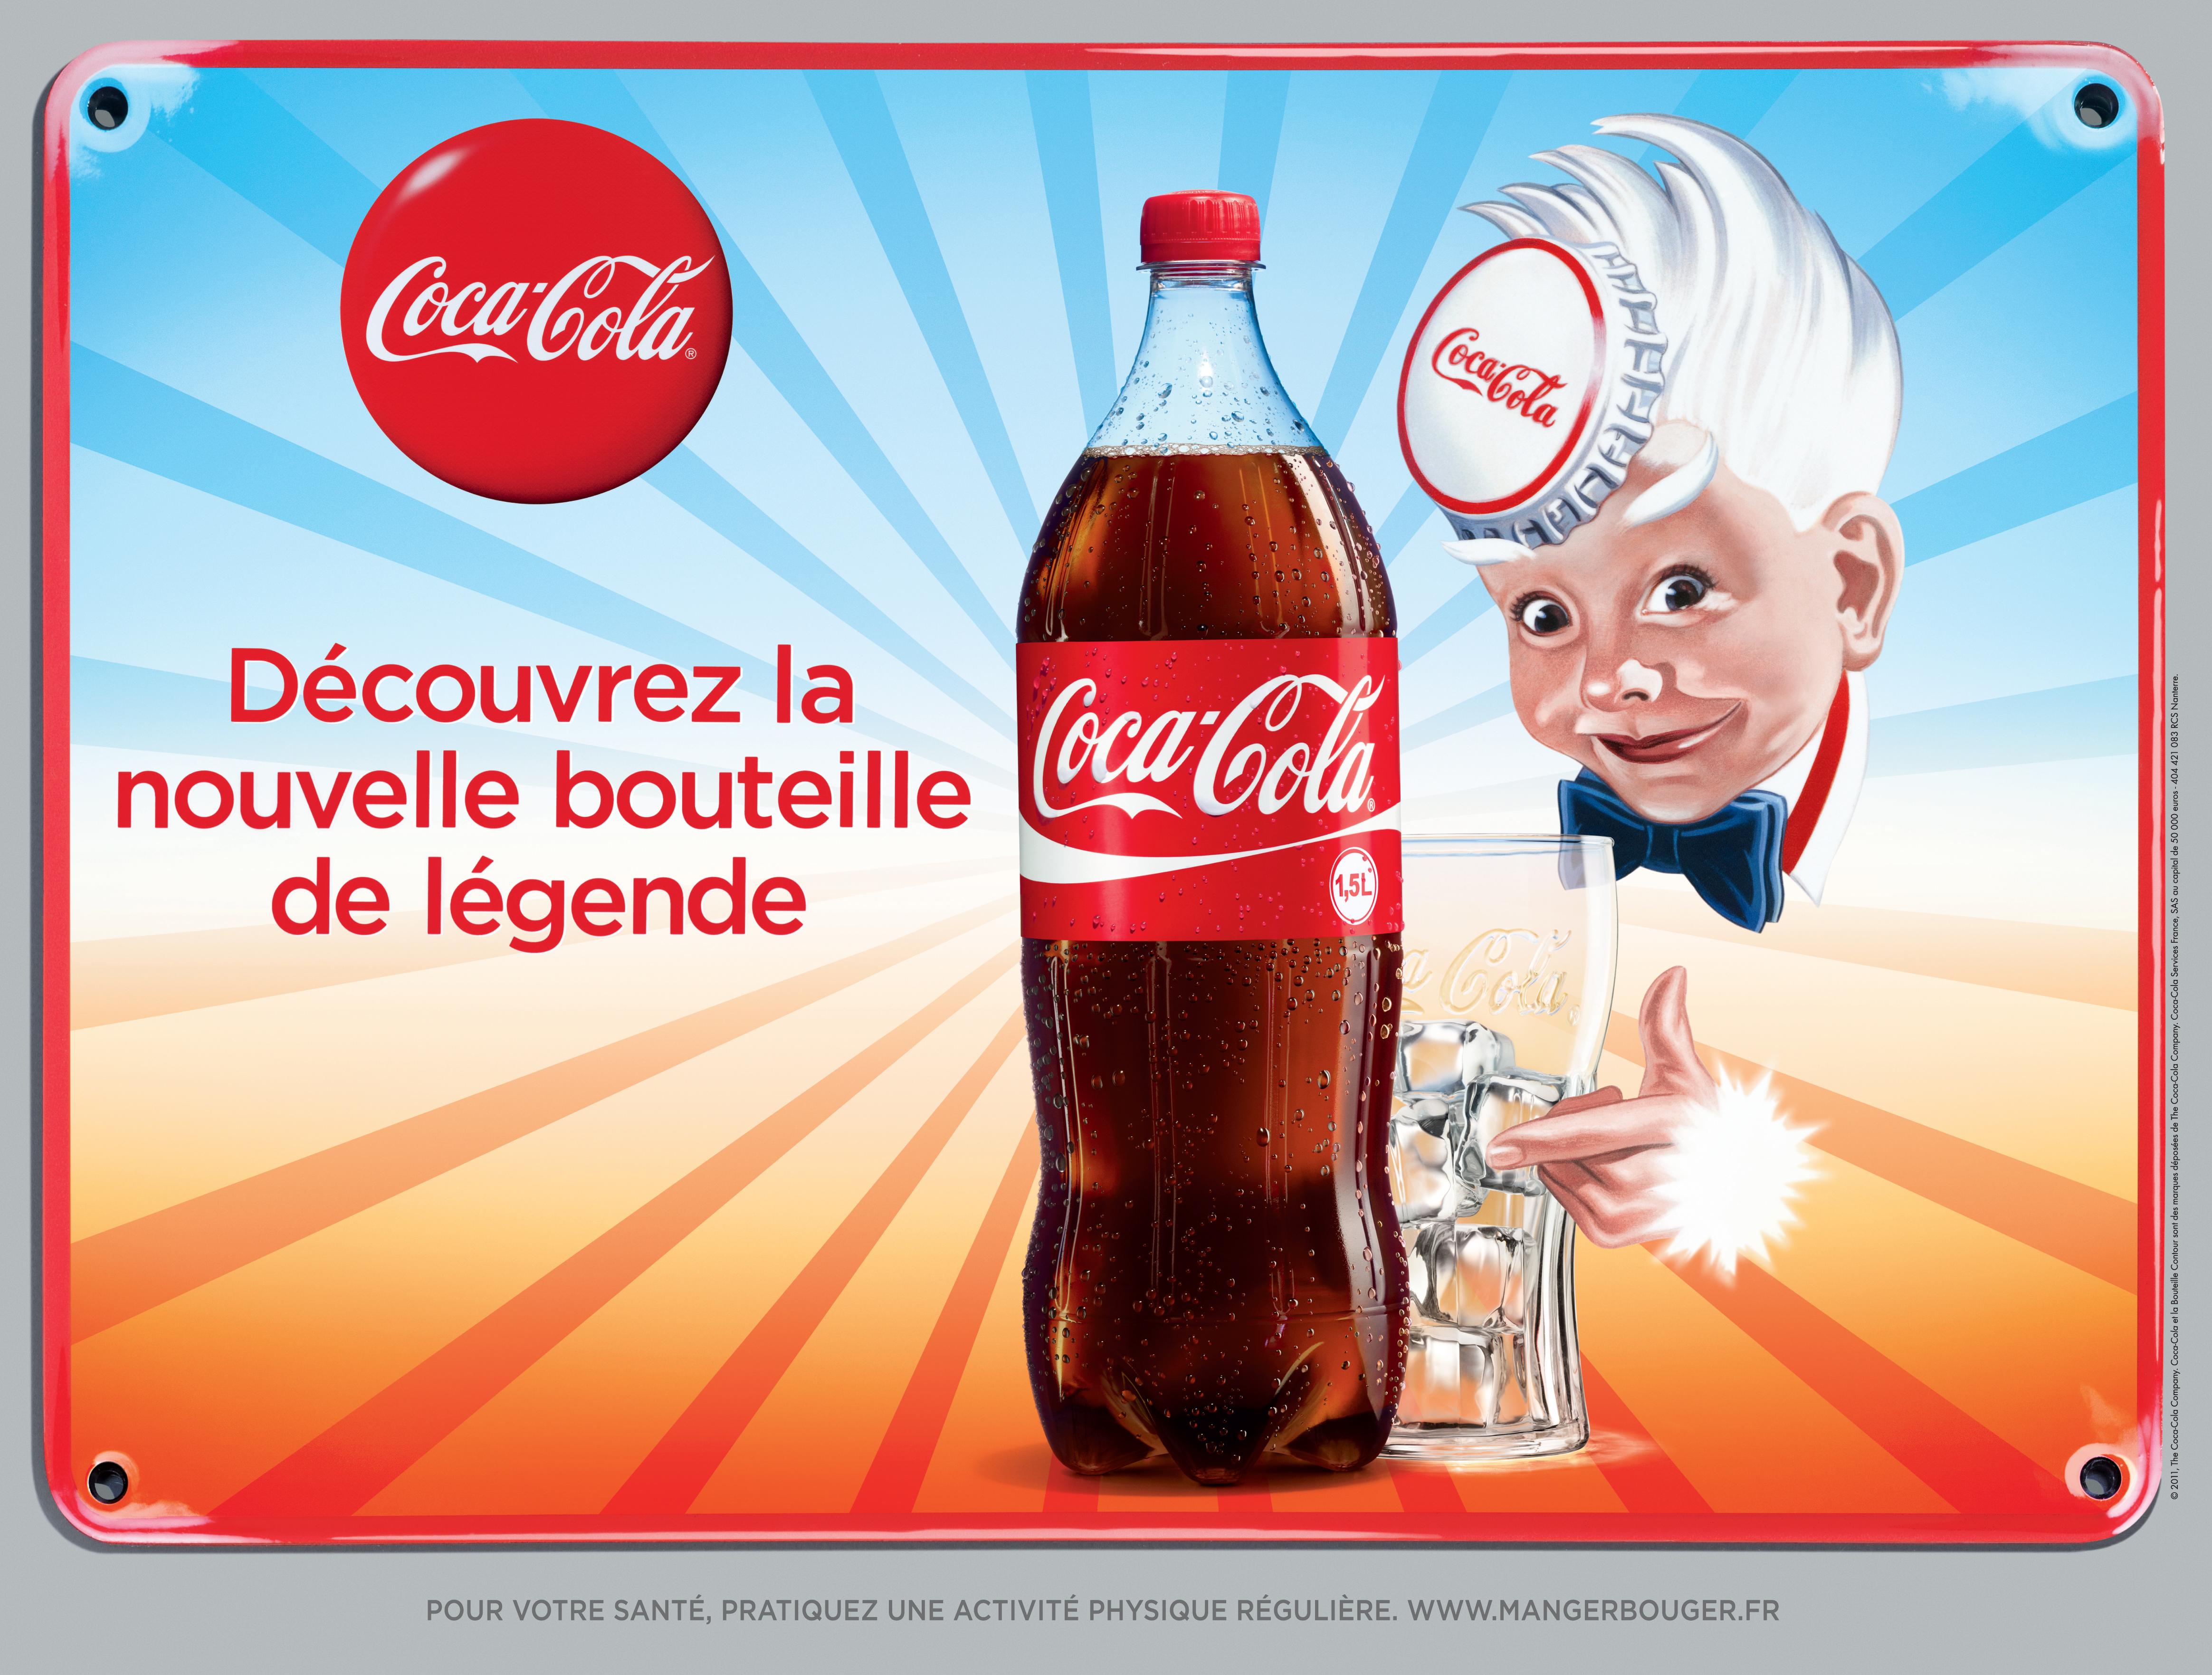 coca cola prend  du groupe de boissons energetiques monster energy